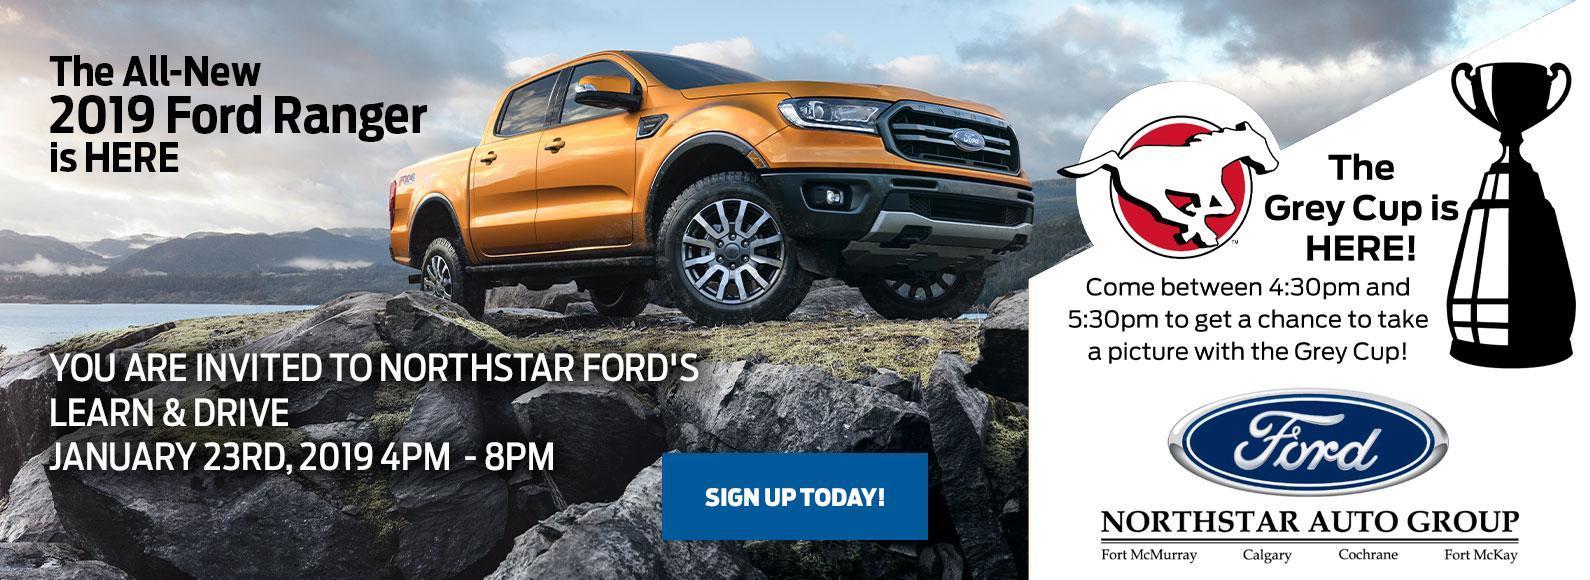 2019 Ford Ranger Event